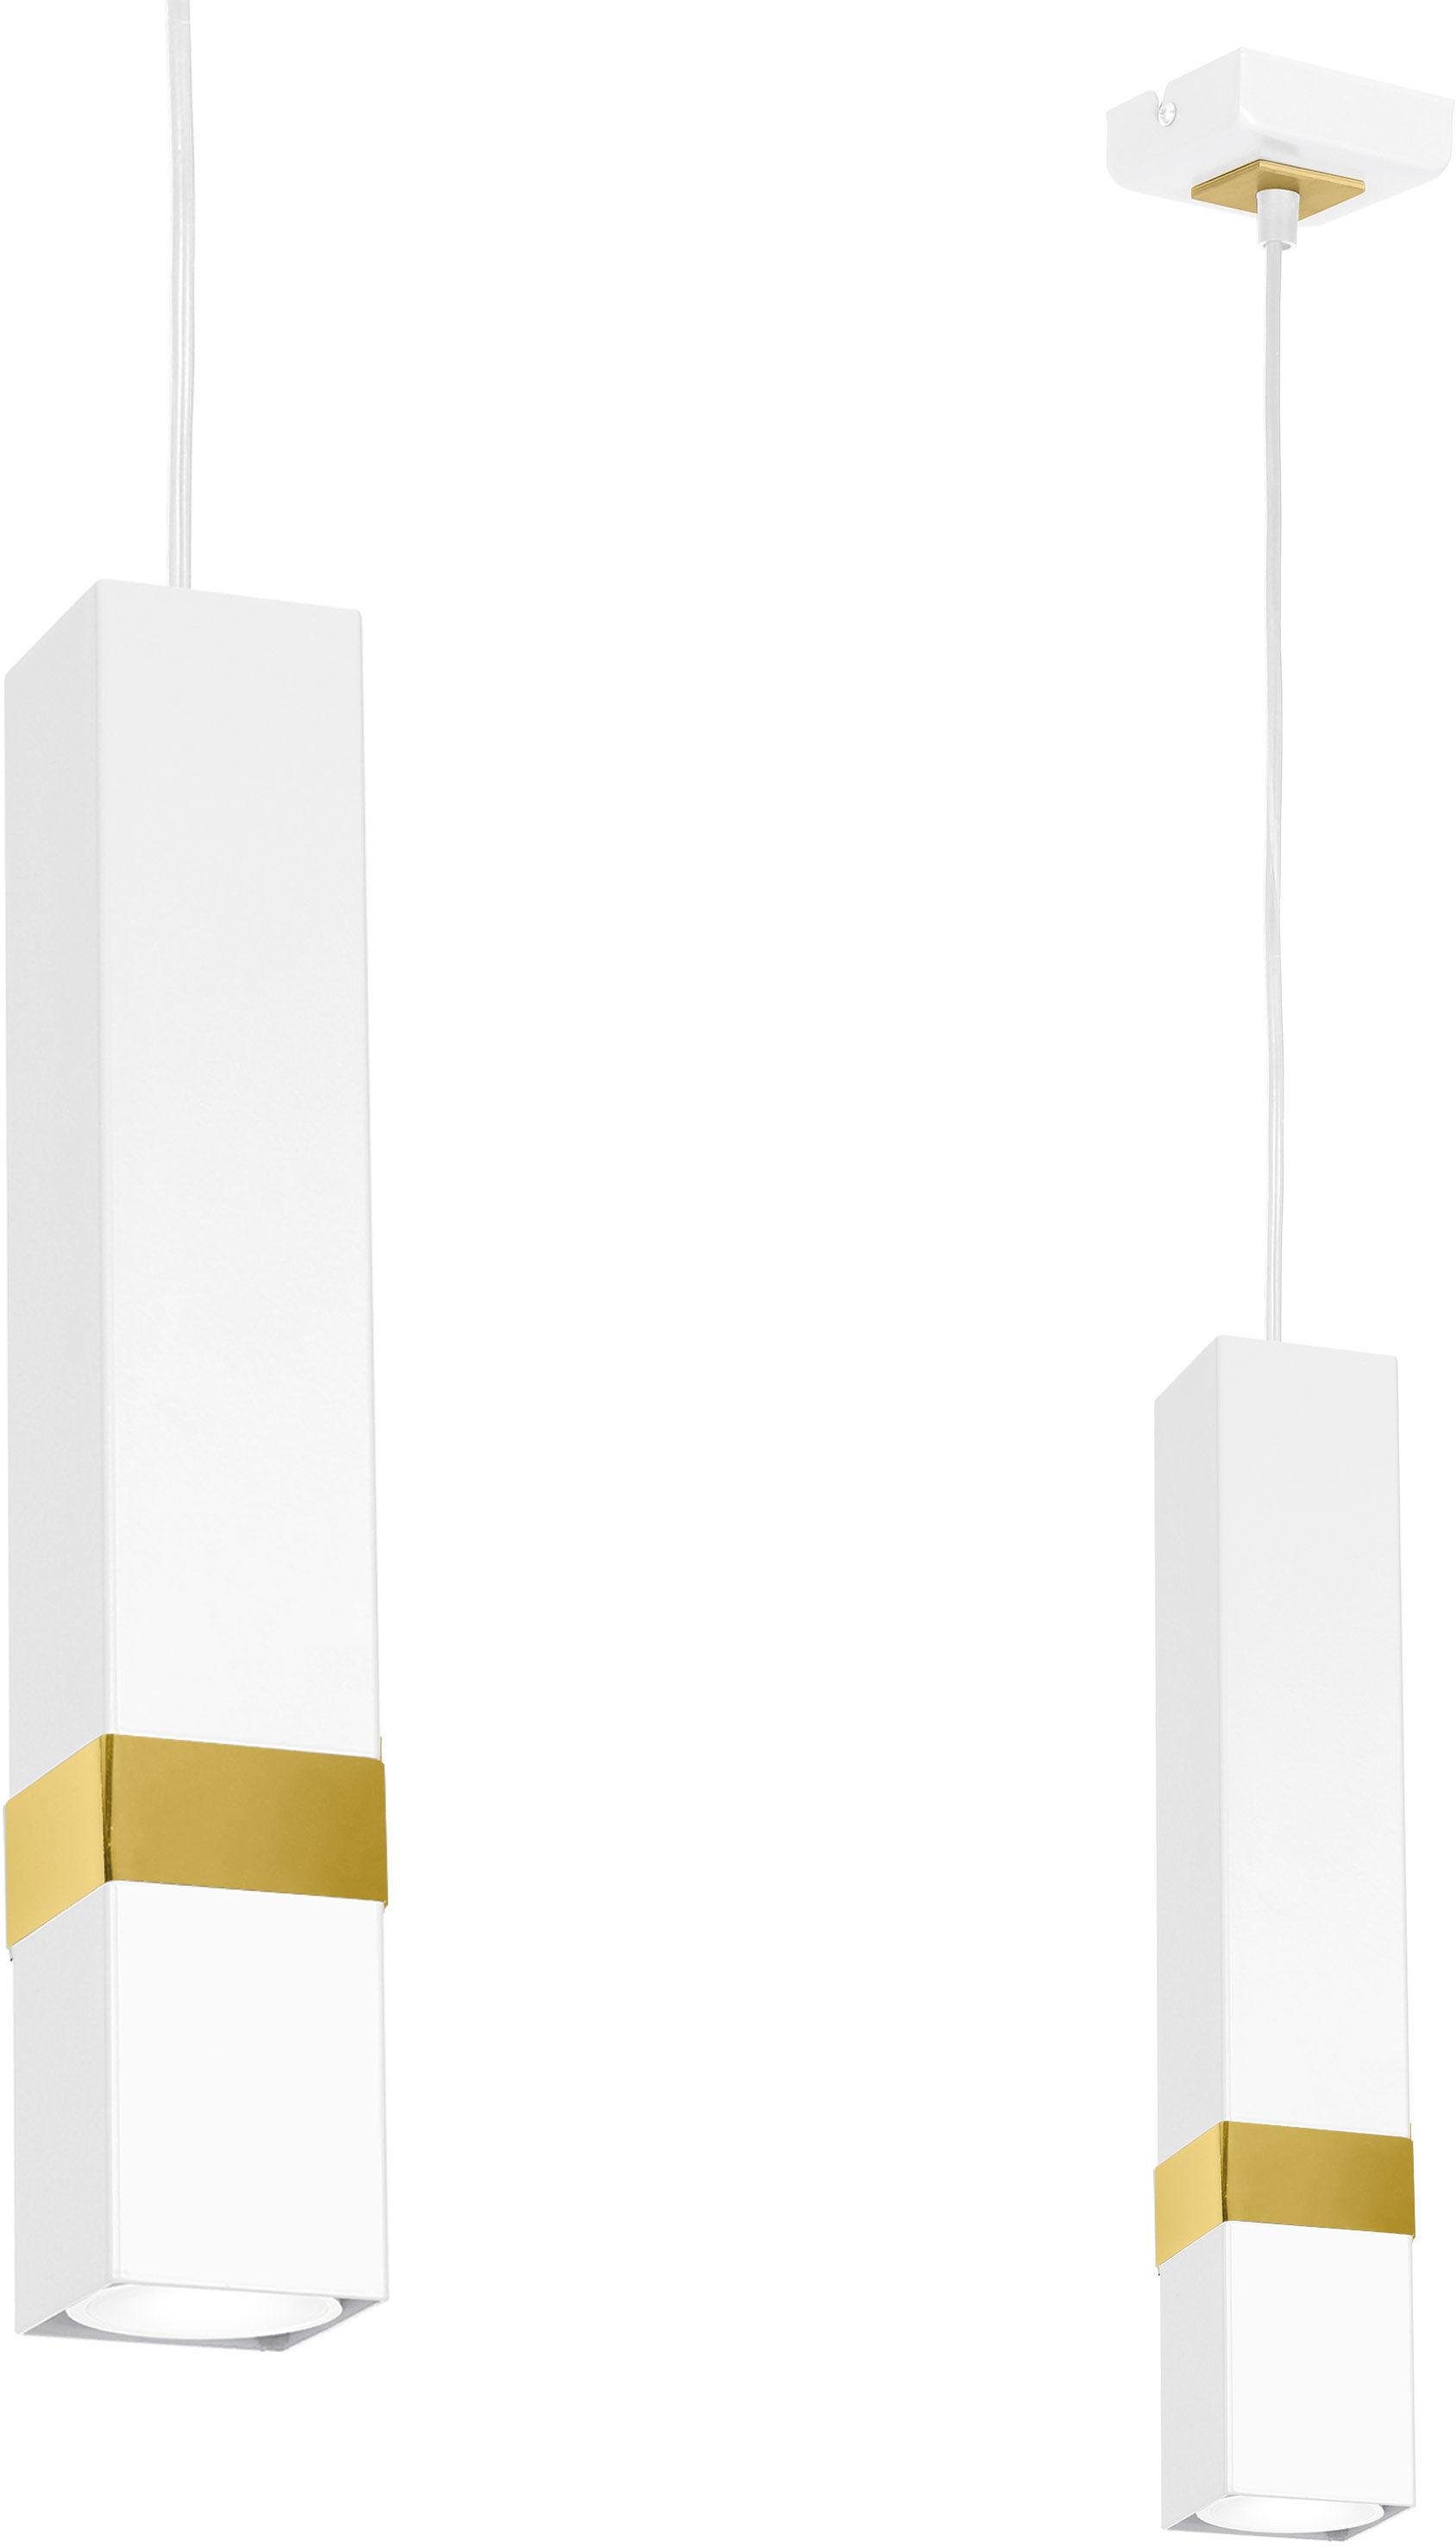 Lampa wisząca Vidar biało złota 1 punktowa zwis MLP6275 - Milagro Do -17% rabatu w koszyku i darmowa dostawa od 299zł !